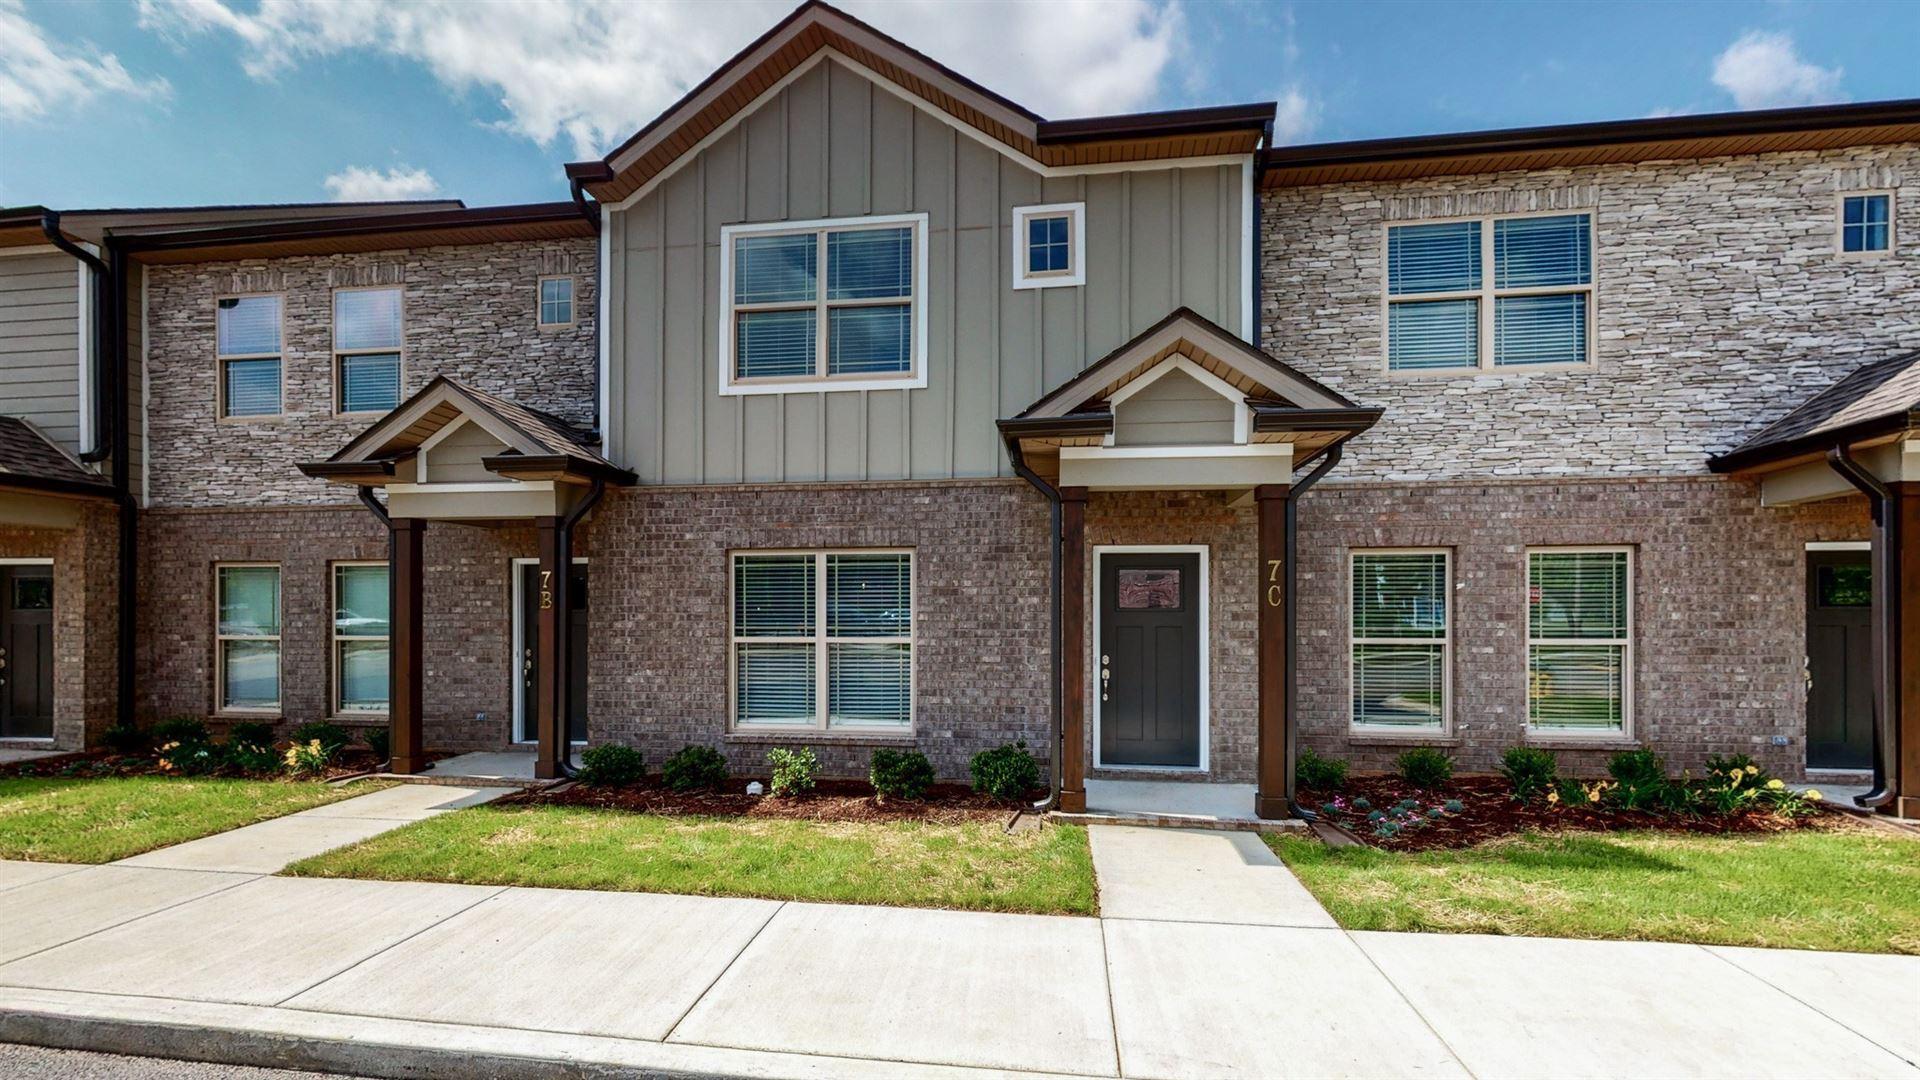 555 Gresham Ln #5A, Murfreesboro, TN 37129 - MLS#: 2202573